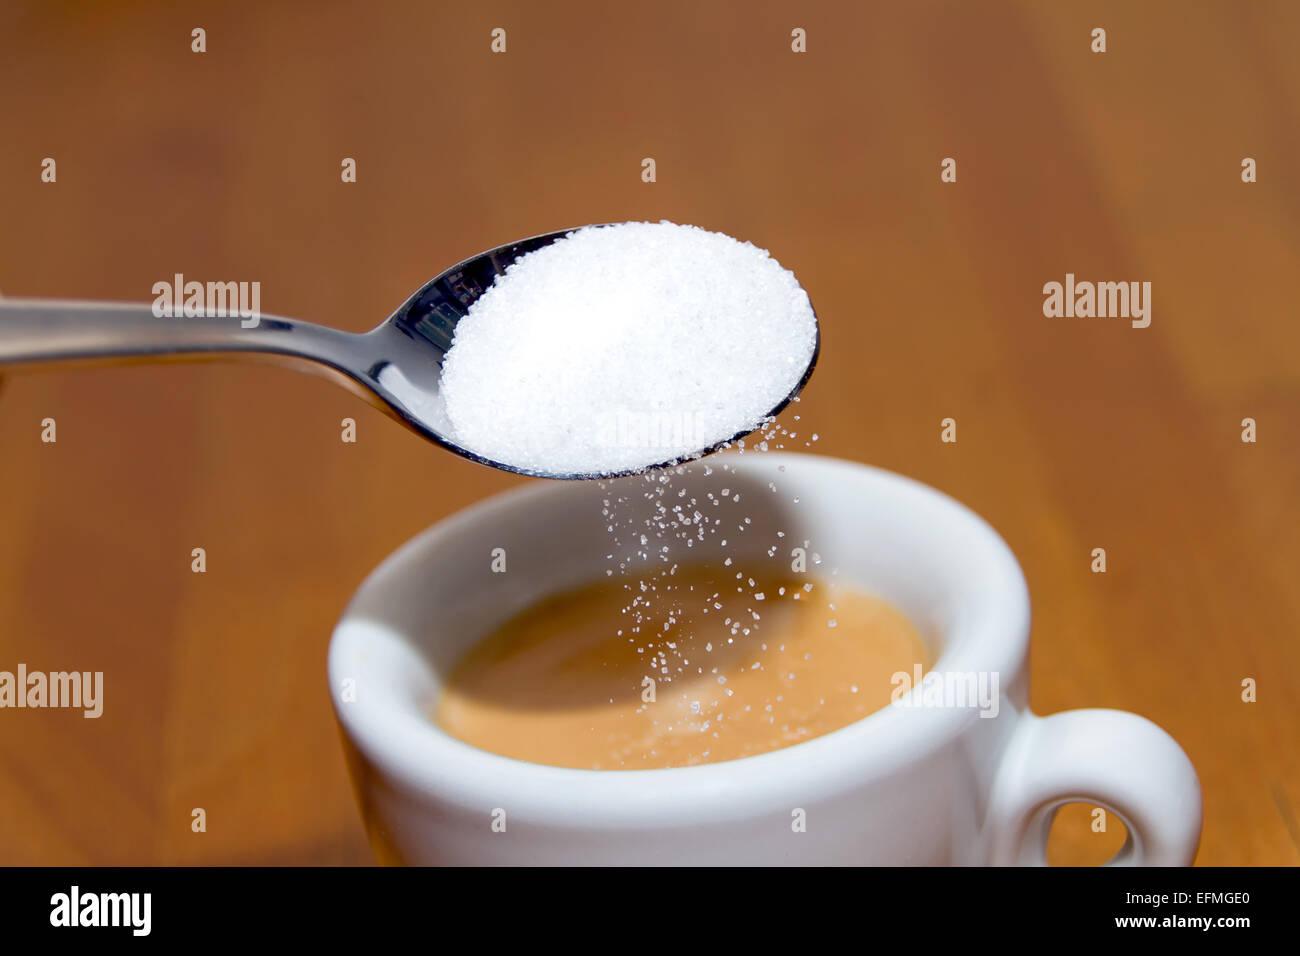 Espresso and sugar - Stock Image